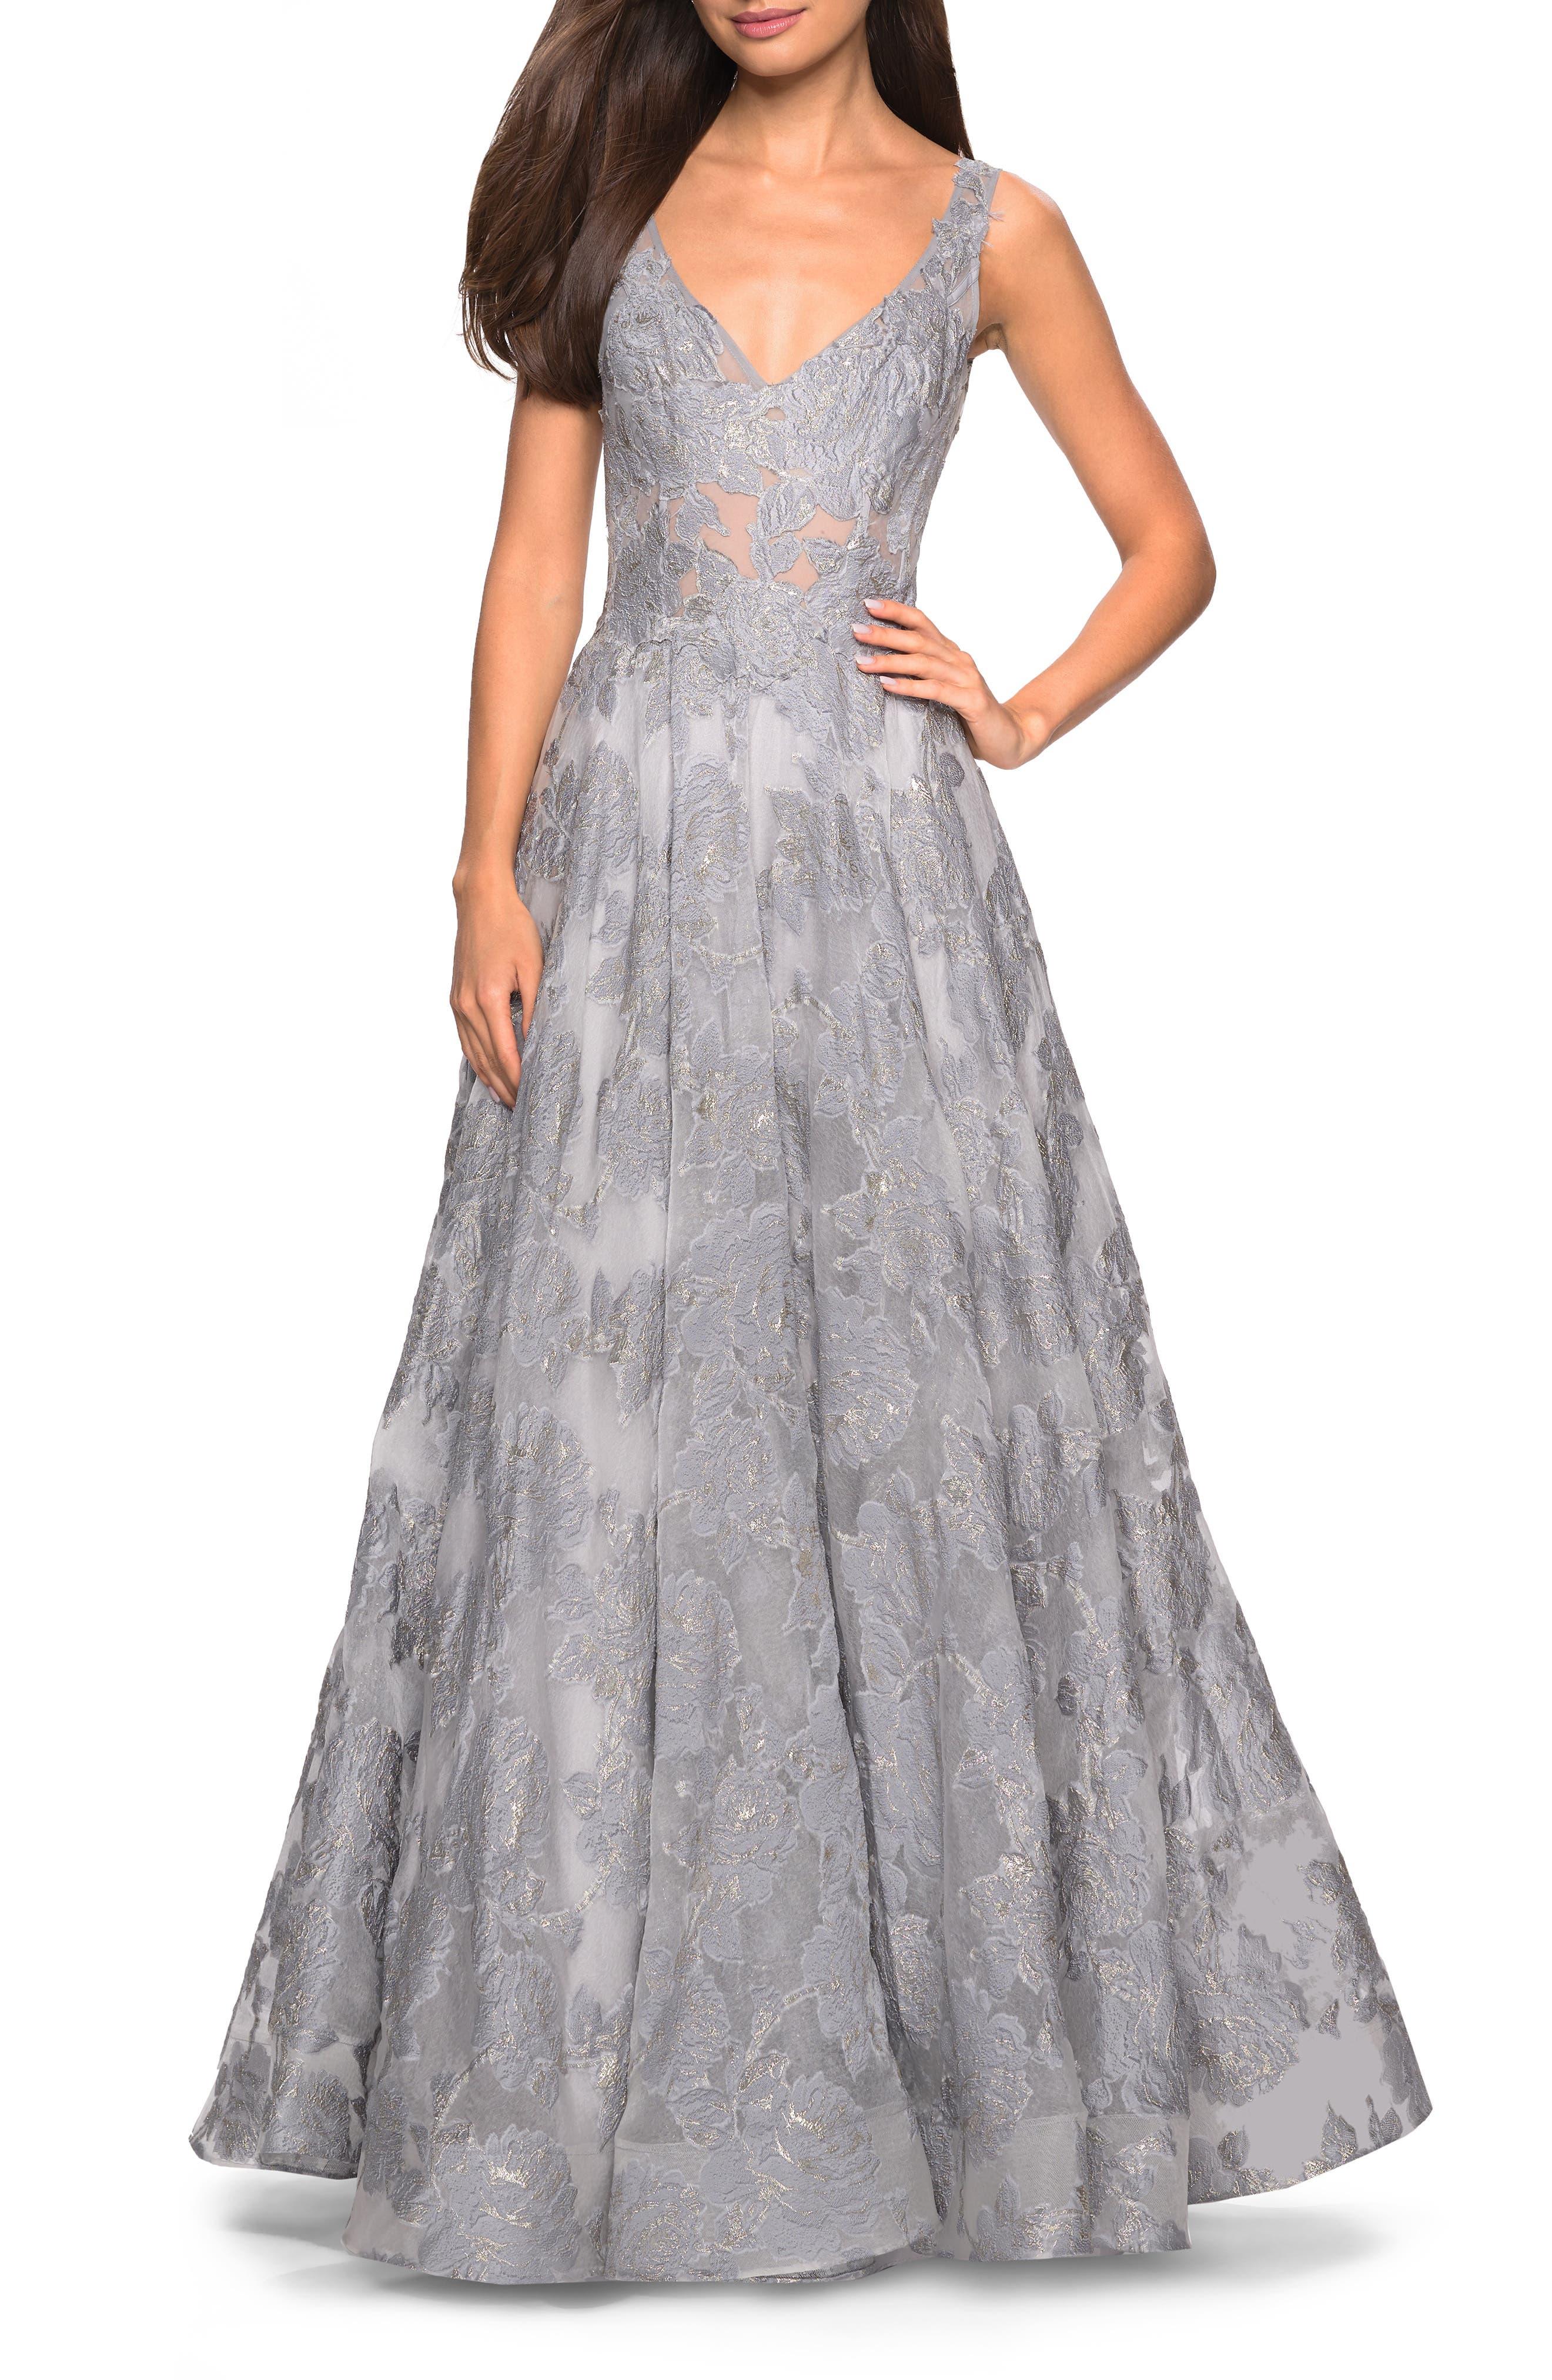 LA FEMME Lace A-Line Evening Dress, Main, color, SILVER